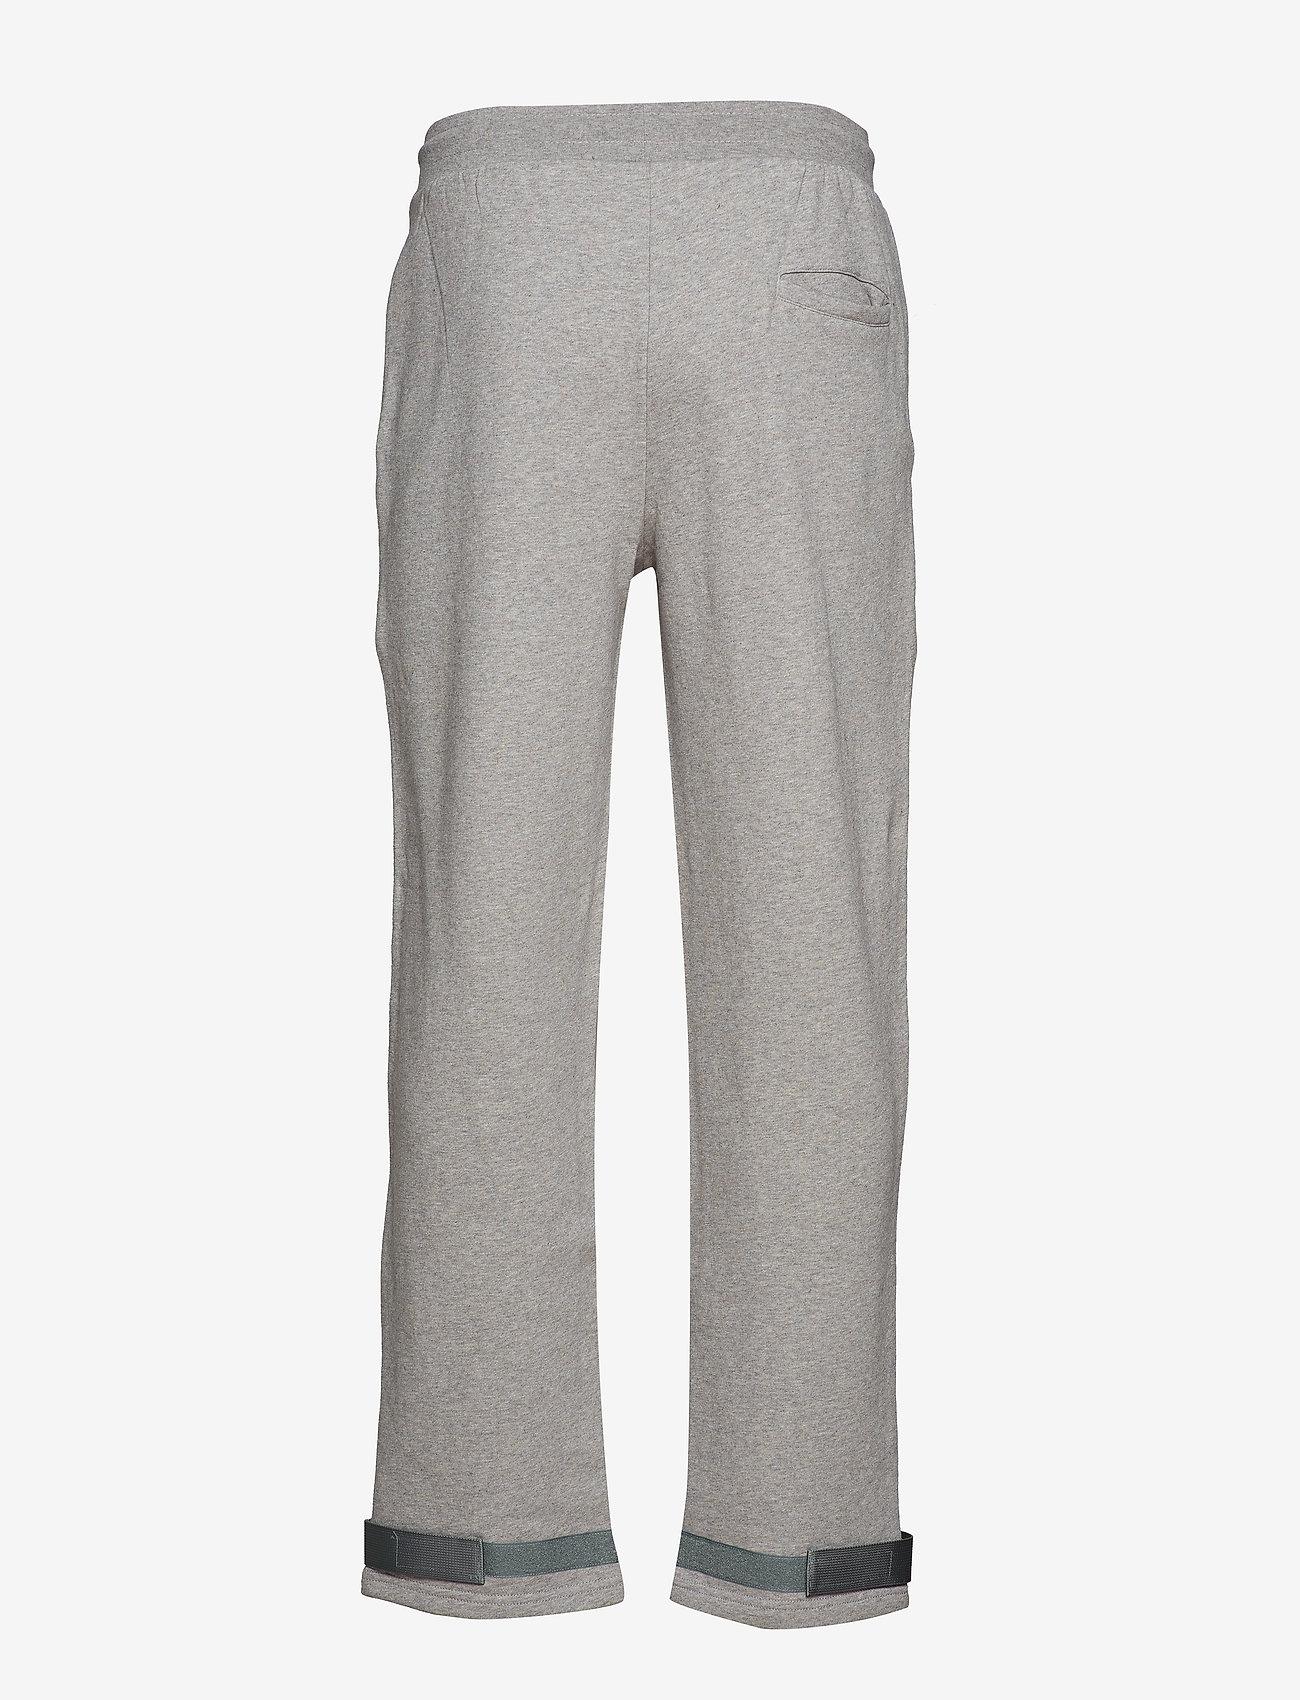 HAN Kjøbenhavn - Sweat Pants - kleding - grey logo - 2